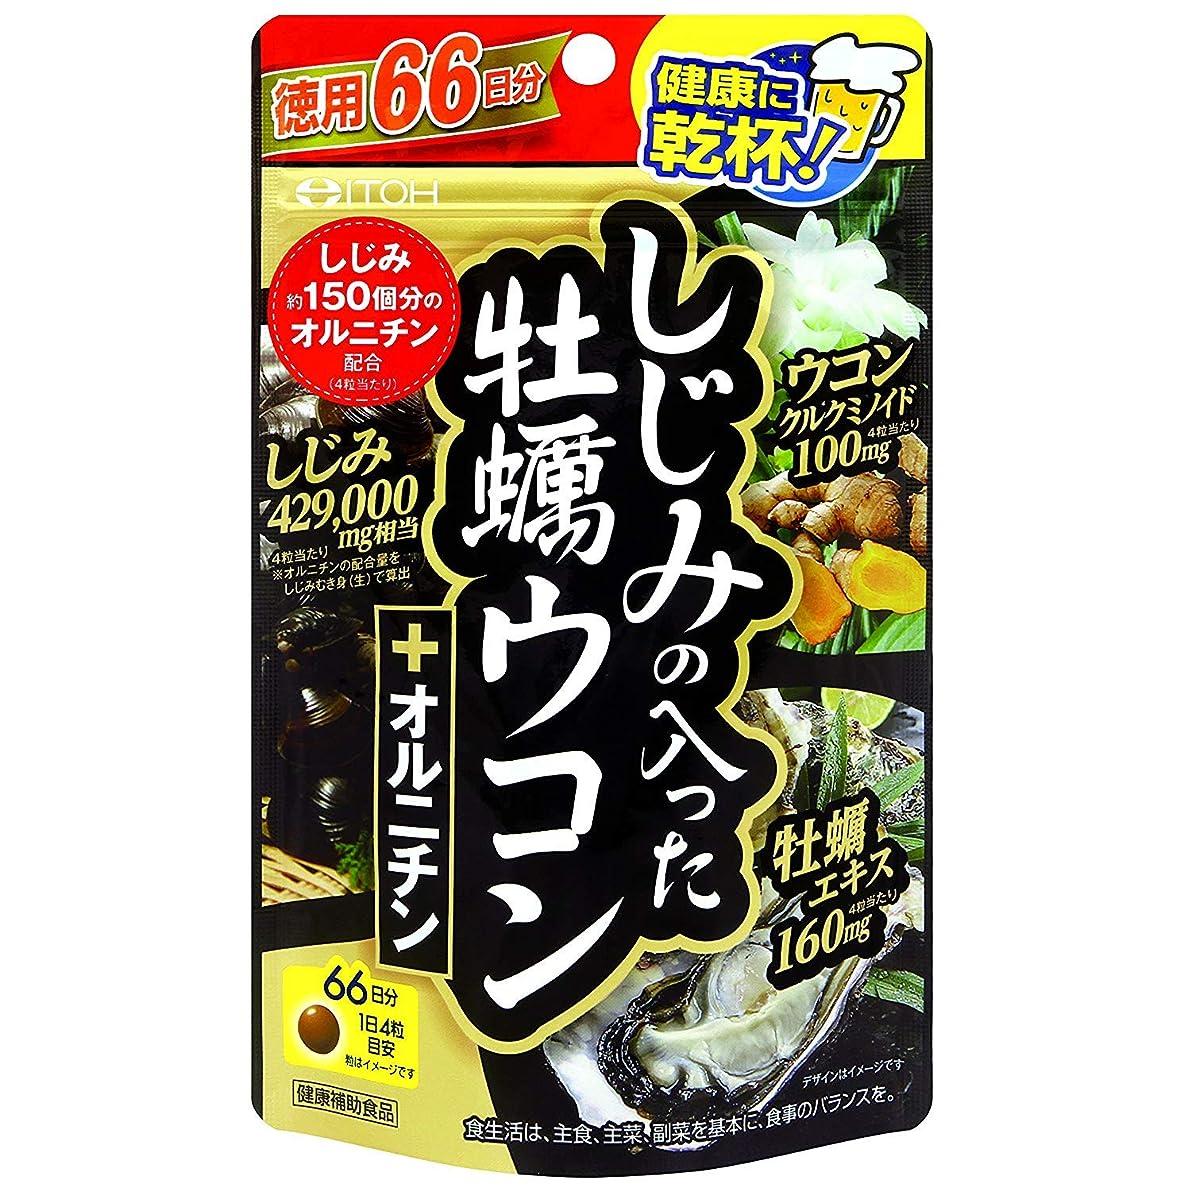 大臣意図する加速度【井藤漢方製薬】しじみの入った牡蠣ウコン+オルニチン 264粒 ×3個セット